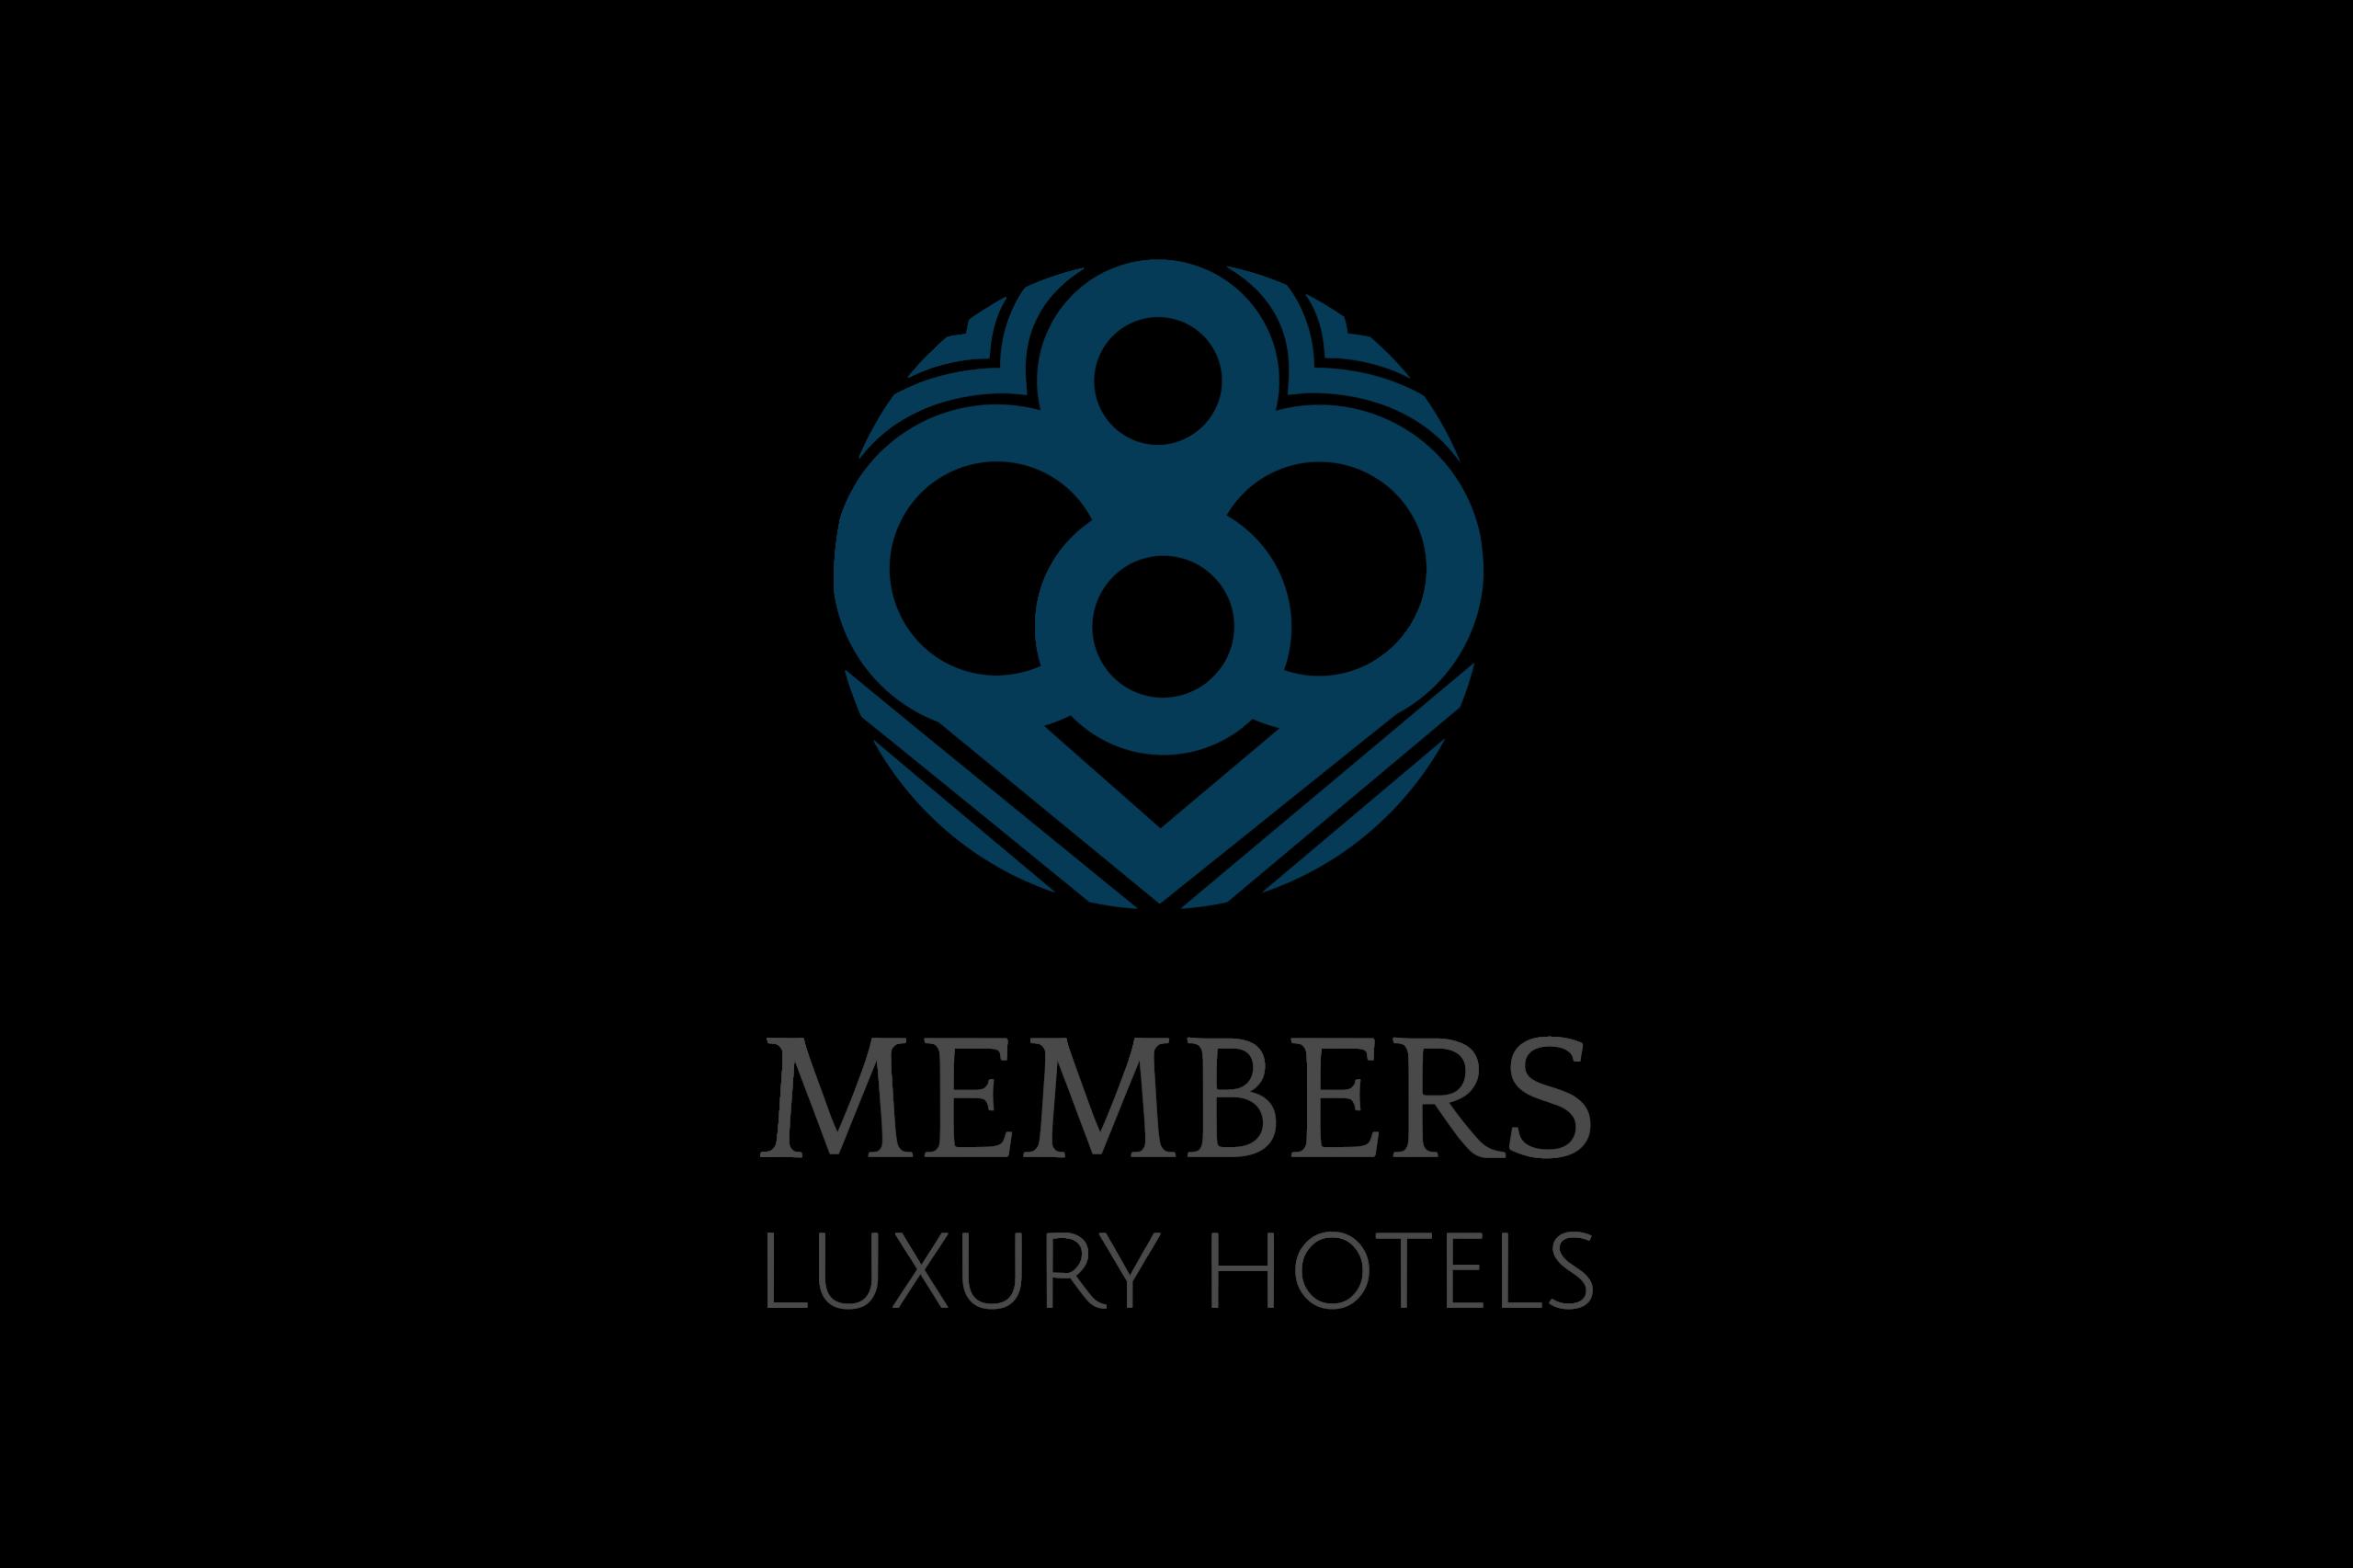 members-luxury-hotels